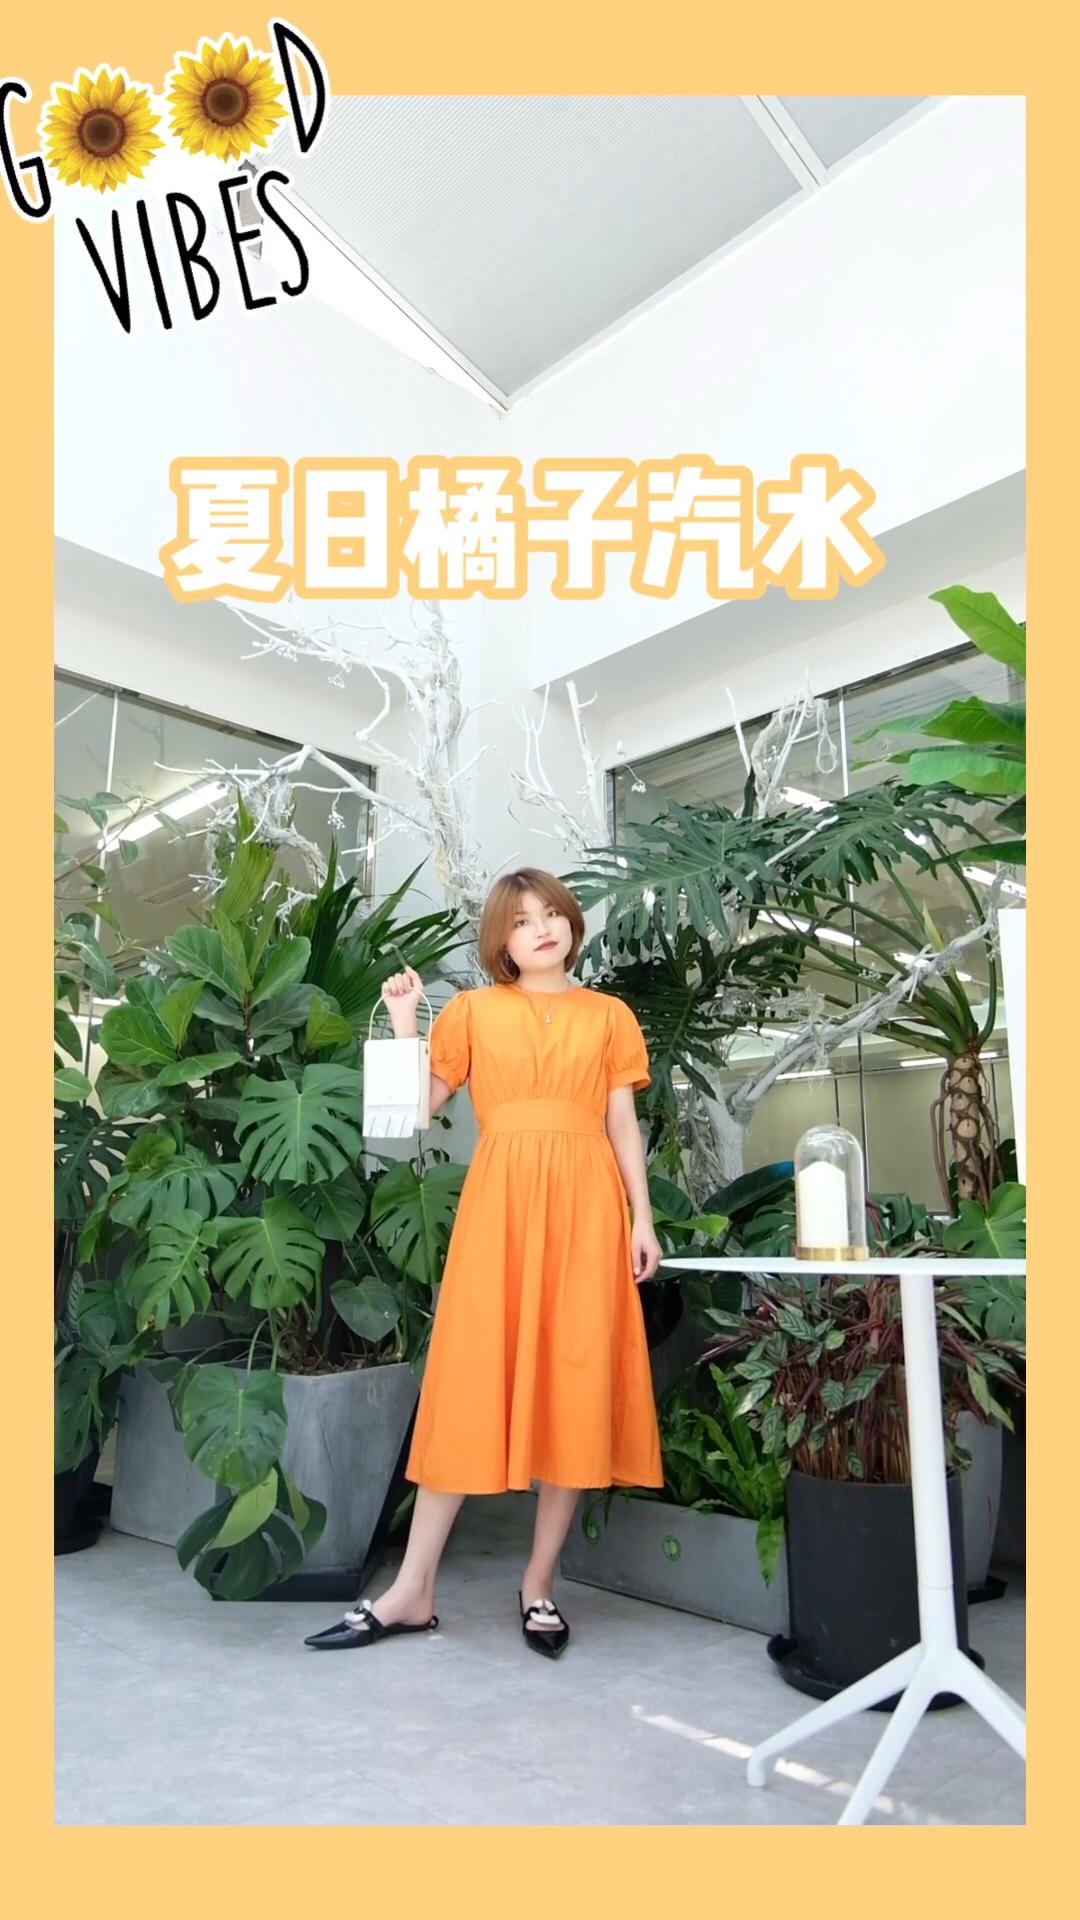 #蘑菇街新品测评# 夏日橙色连衣裙 像橘子汽水一样 炎炎夏日 橘色与黑白色的搭配 让整体更加出挑明亮!!!